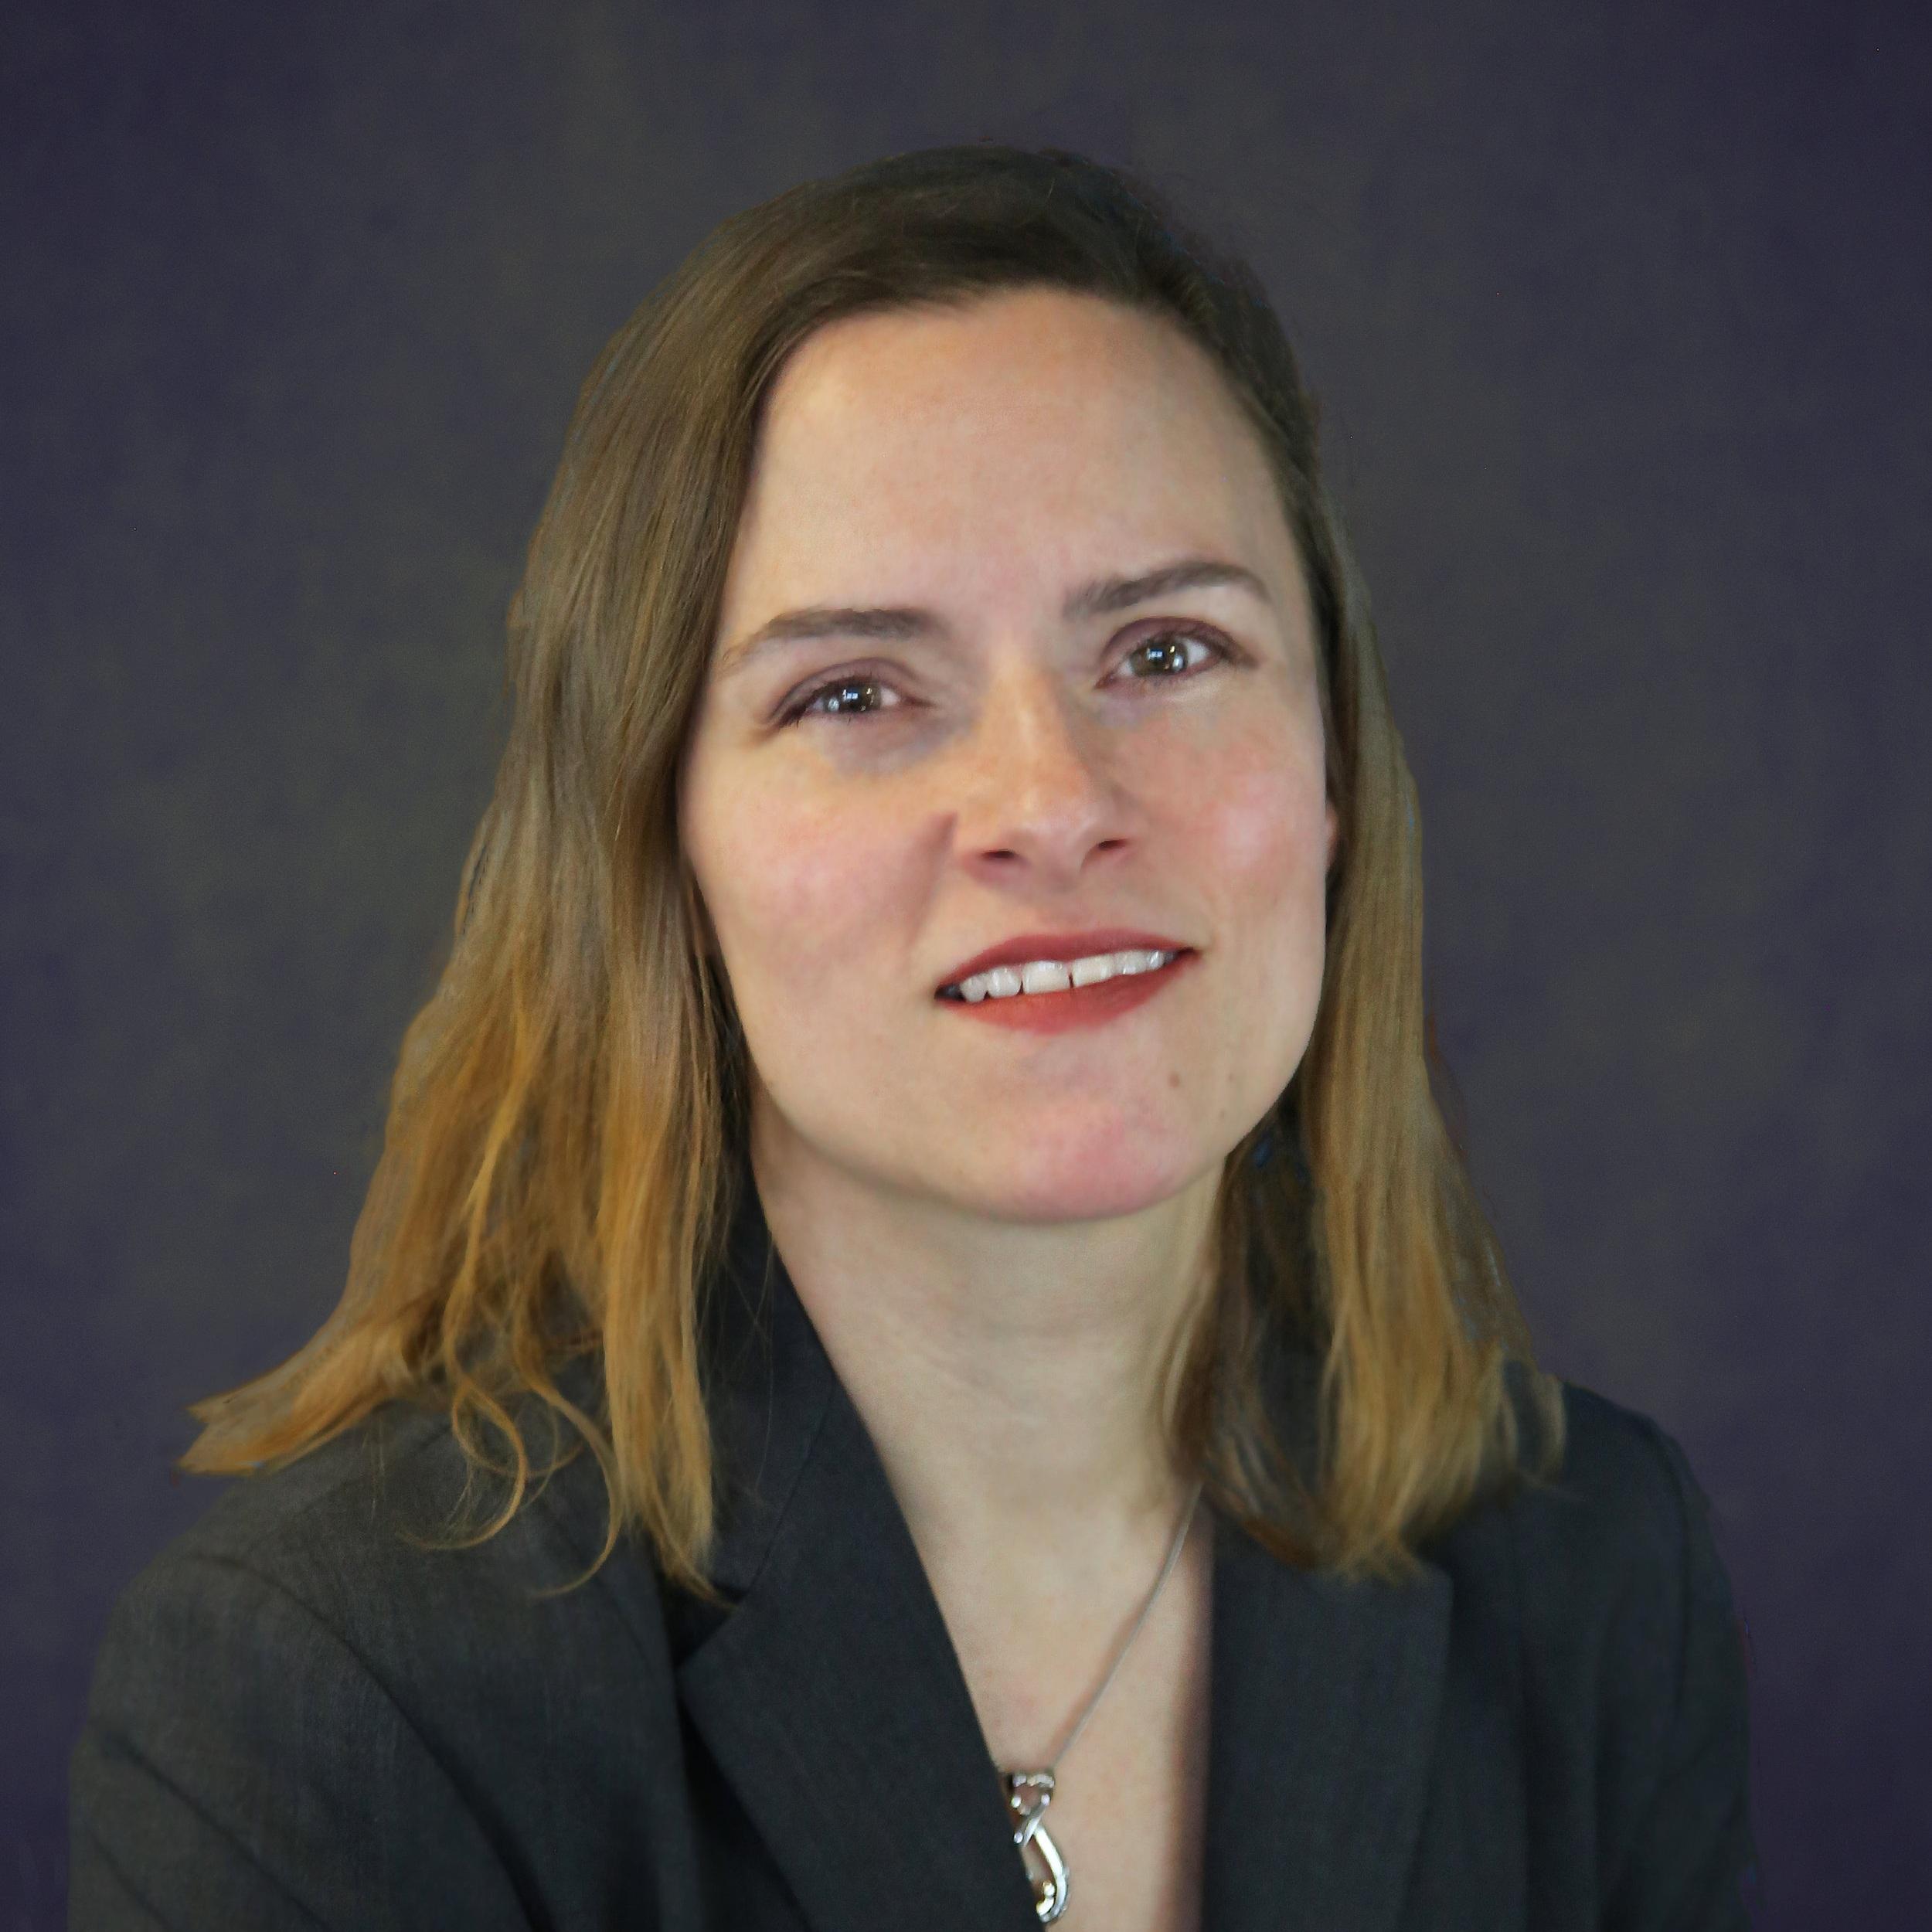 Brenda Shafer-Pellinen - Eldercare Development Partnership (EDP) Development Coordinator218.529.7550